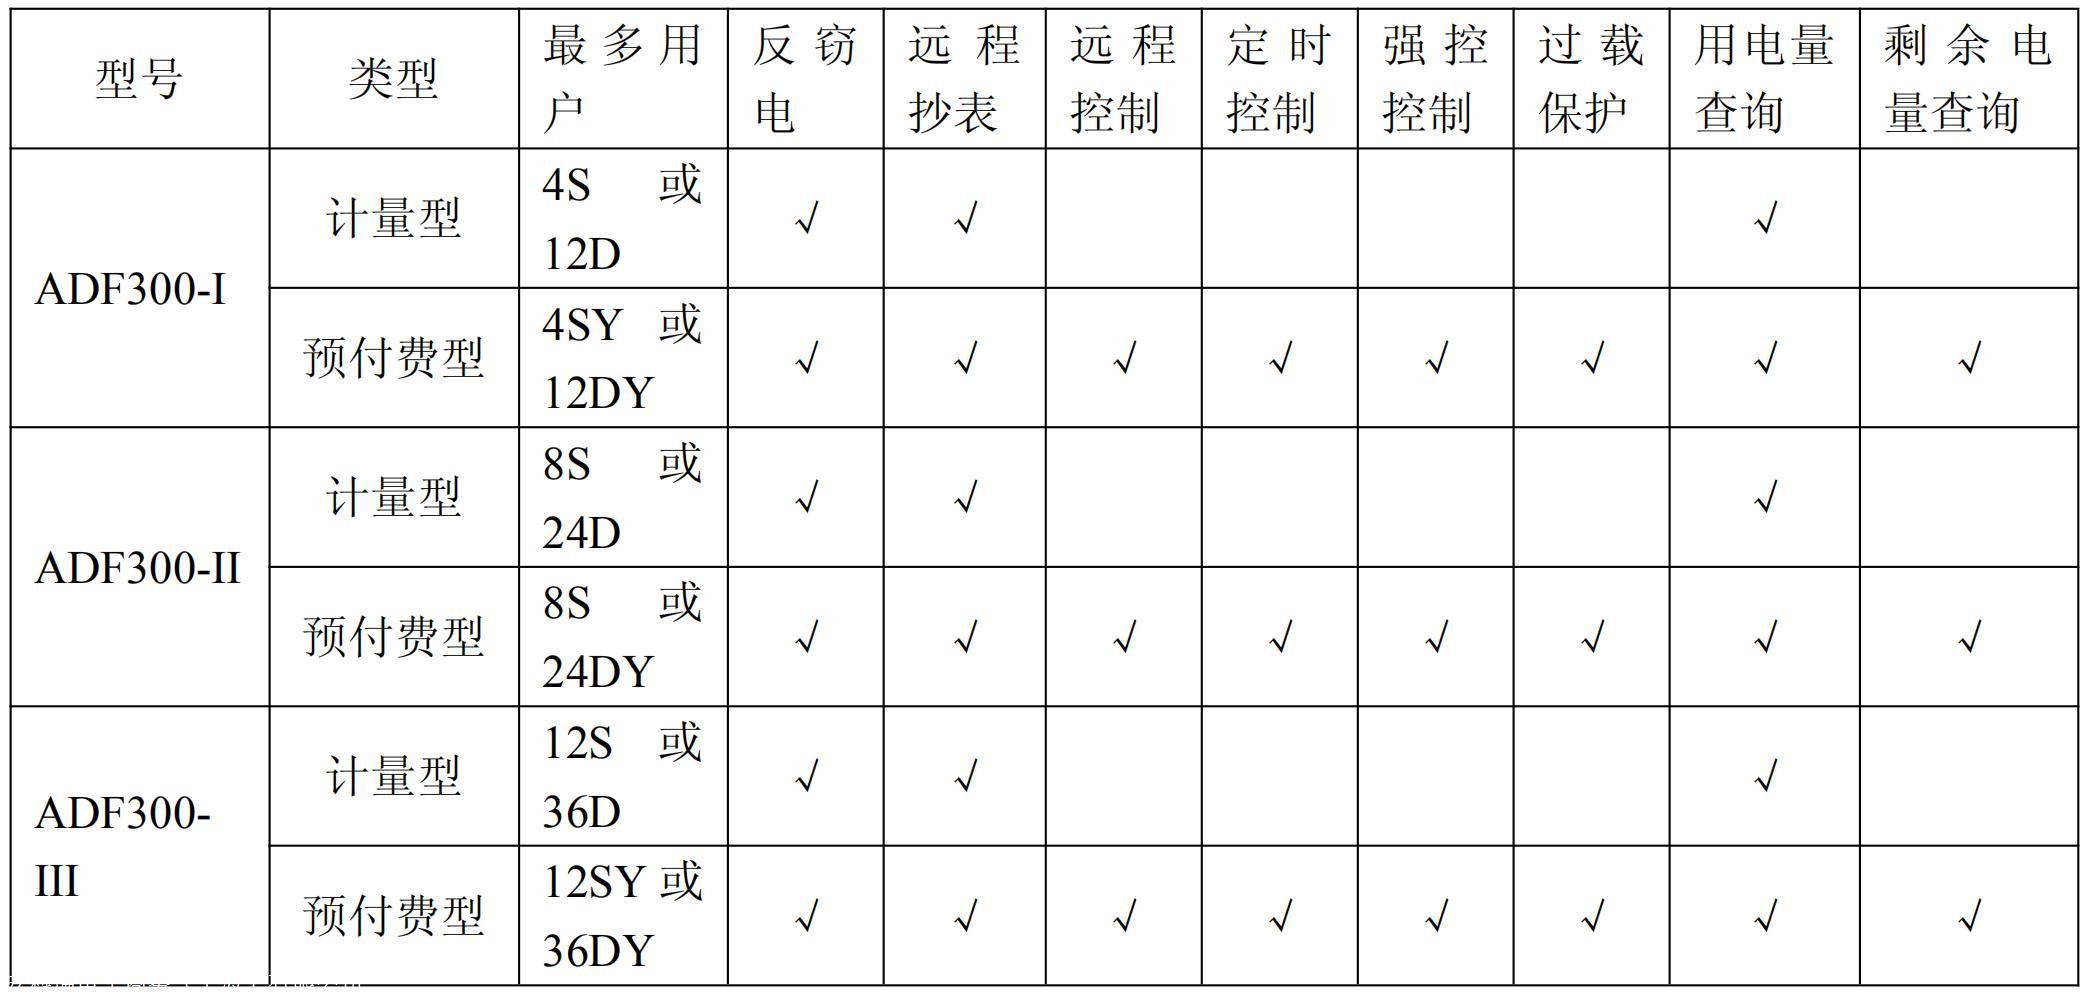 园区运维售电平台 安科瑞ADF300L-I-12D 多用户电能计量箱 防窃电计量示例图4